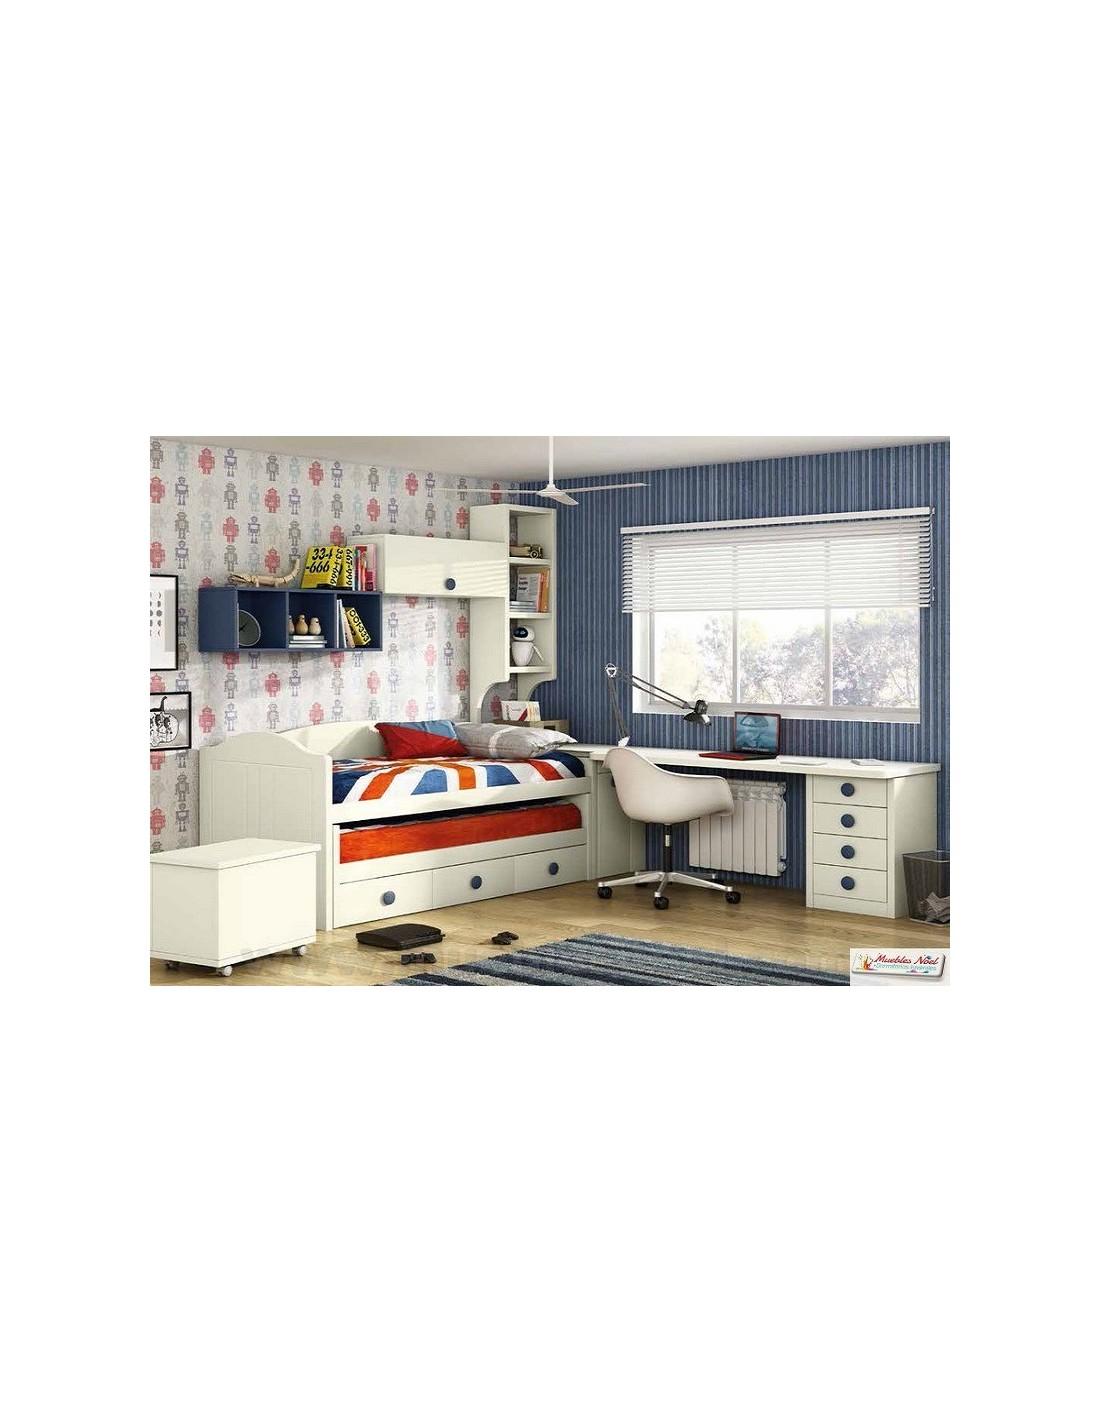 Comprar dormitorio juvenil tienda online muebles noel madrid for Programa para disenar dormitorios online